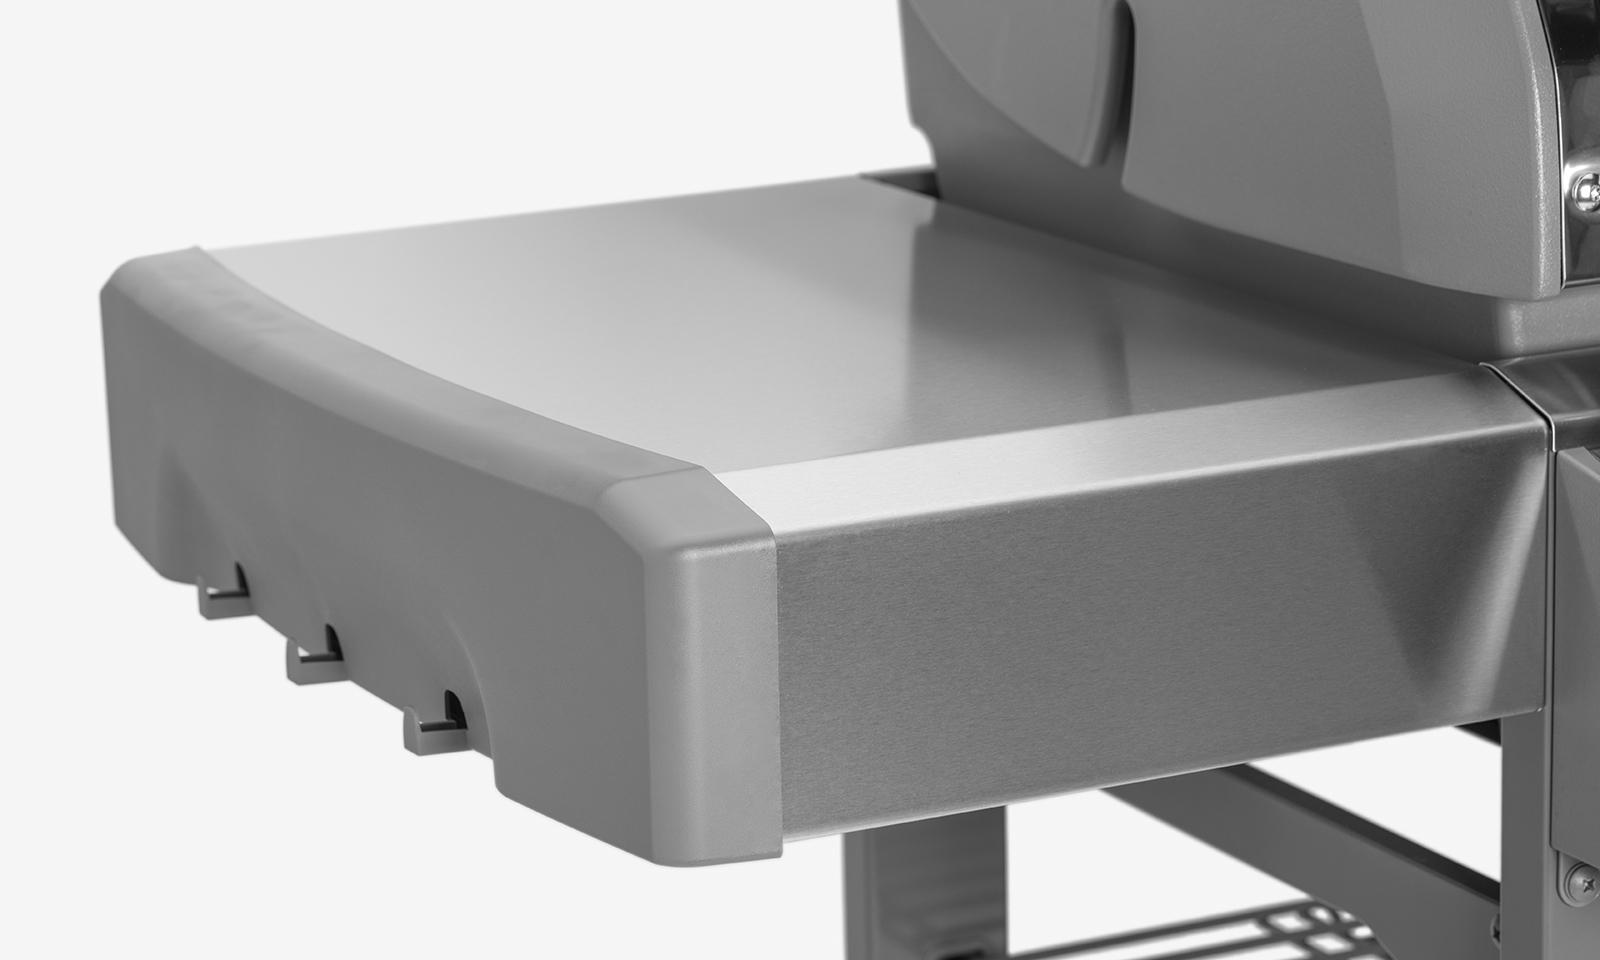 E310_Side_Table_Open_Cart1